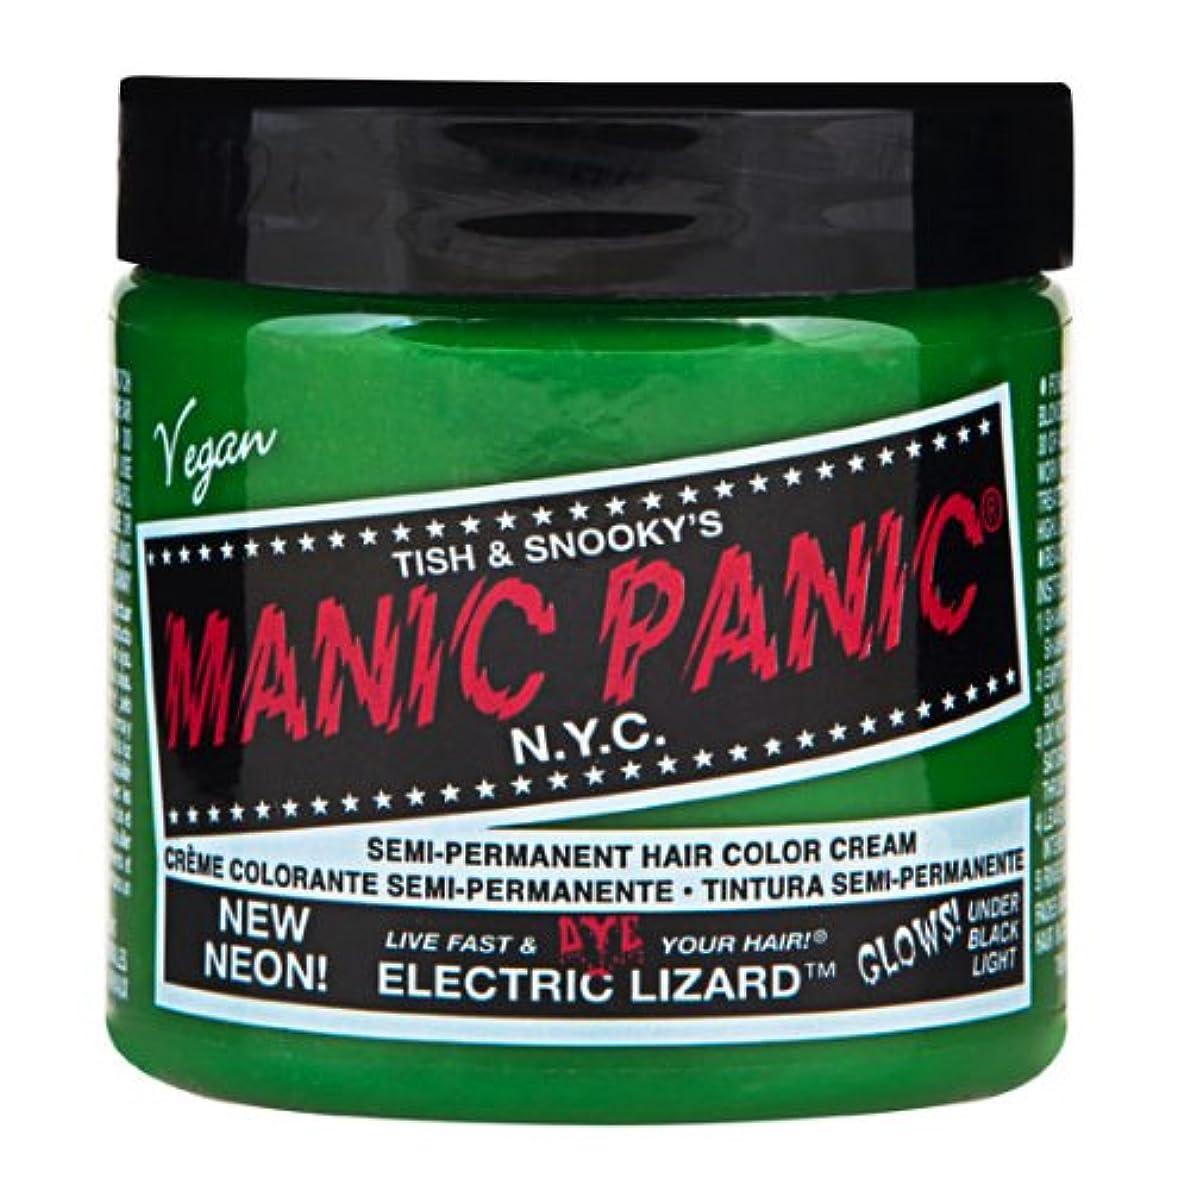 ケージコンピューターを使用するテーブルを設定するスペシャルセットMANIC PANICマニックパニック:Electric Lizard (エレクトリック?リザード)+ヘアカラーケア4点セット